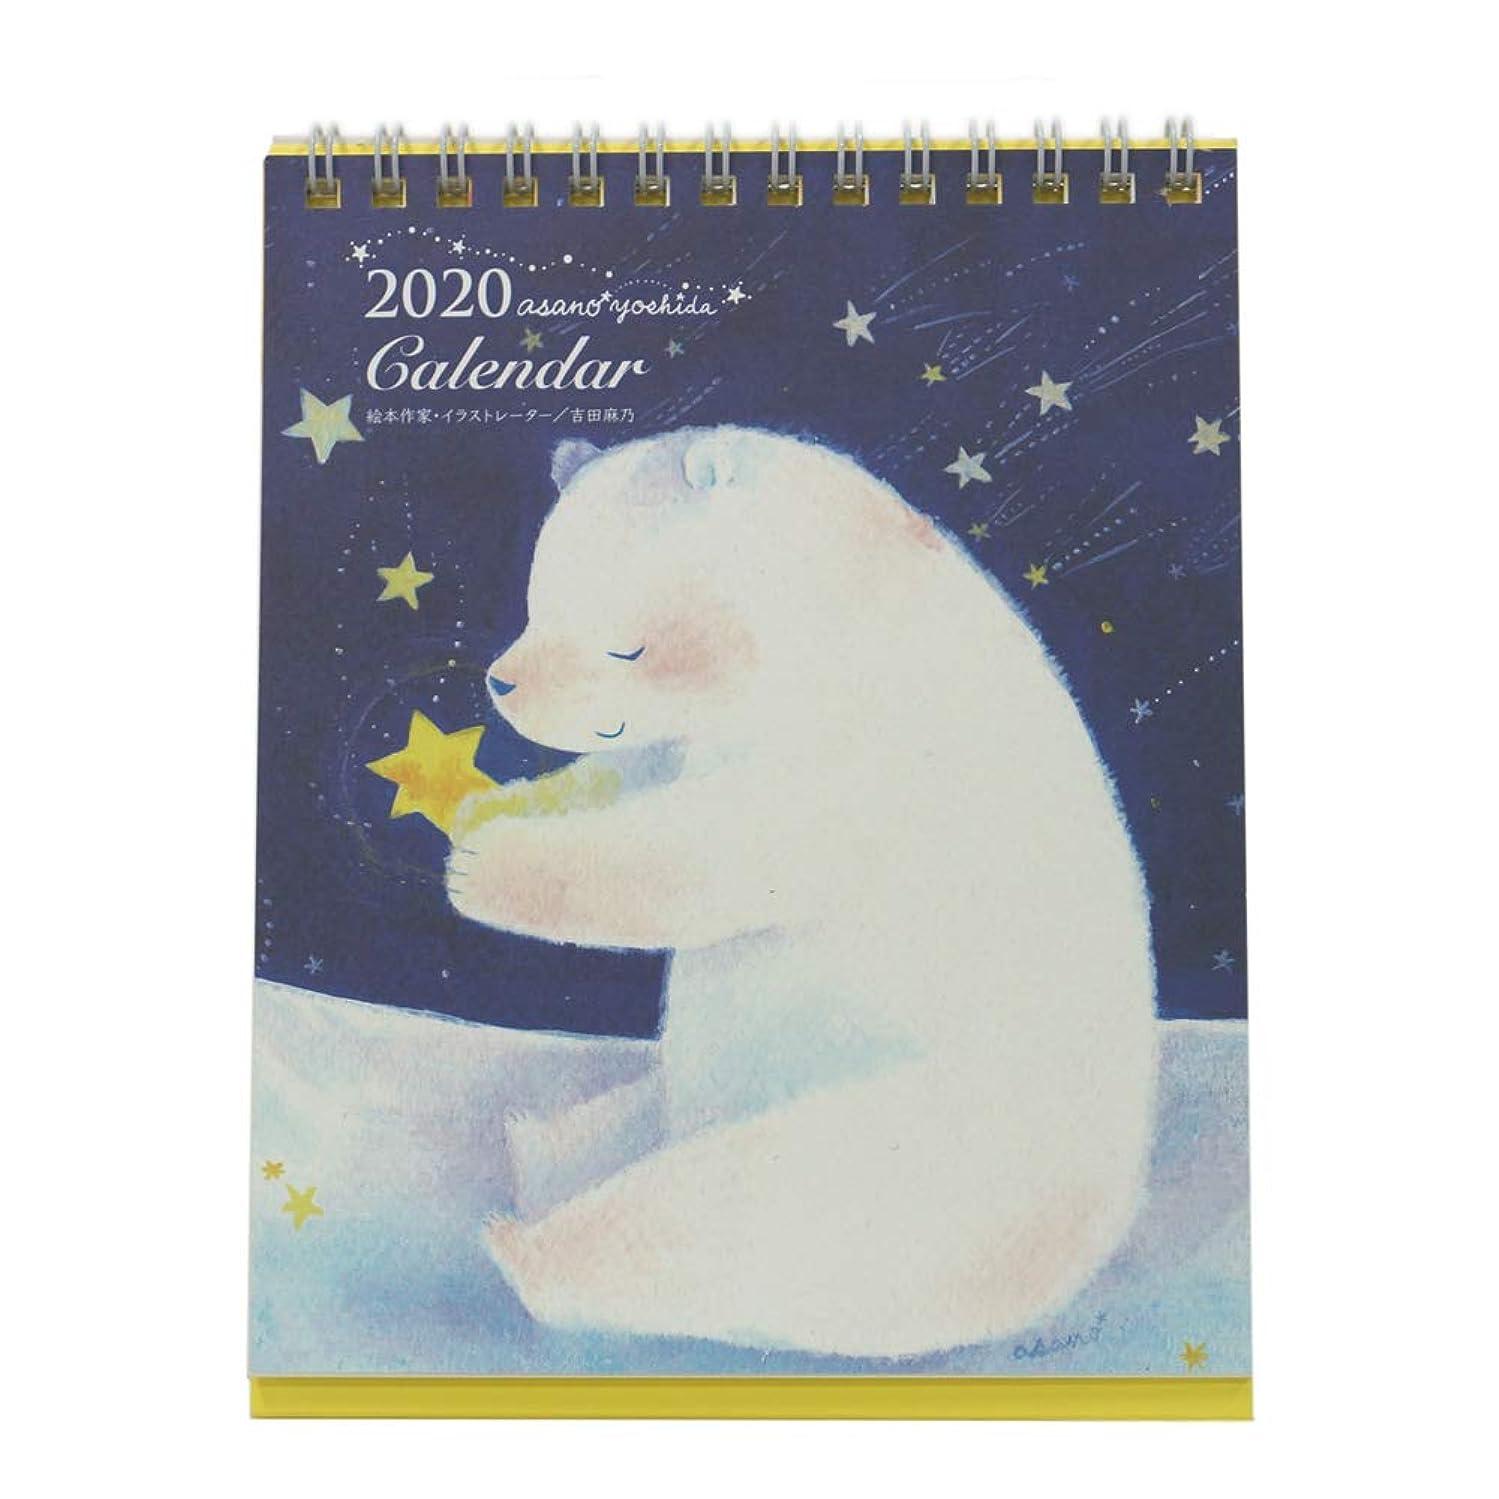 敏感な商人敏感なクローズピン 2020年 カレンダー 卓上 吉田麻乃 シロクマと流れ星 CL95509